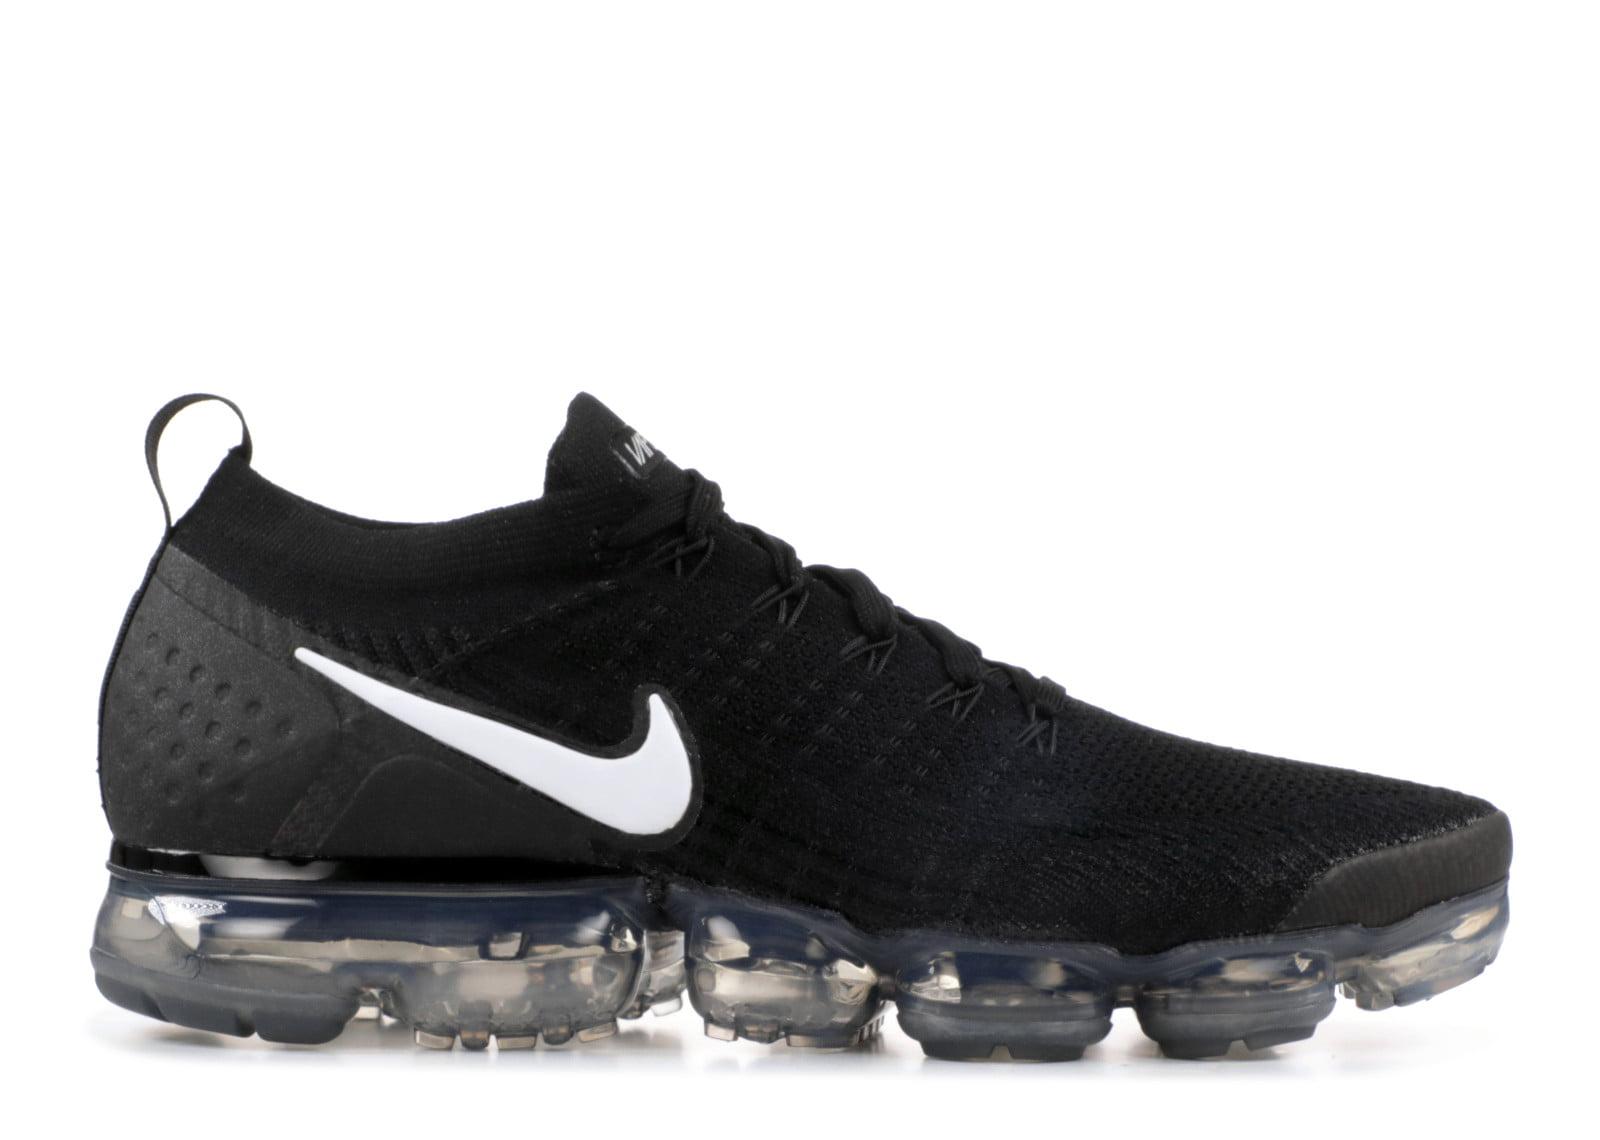 3278ebd0a0a Nike - Men - Nike Air Vapormax Flyknit 2 - 942842-001 - Size 9.5